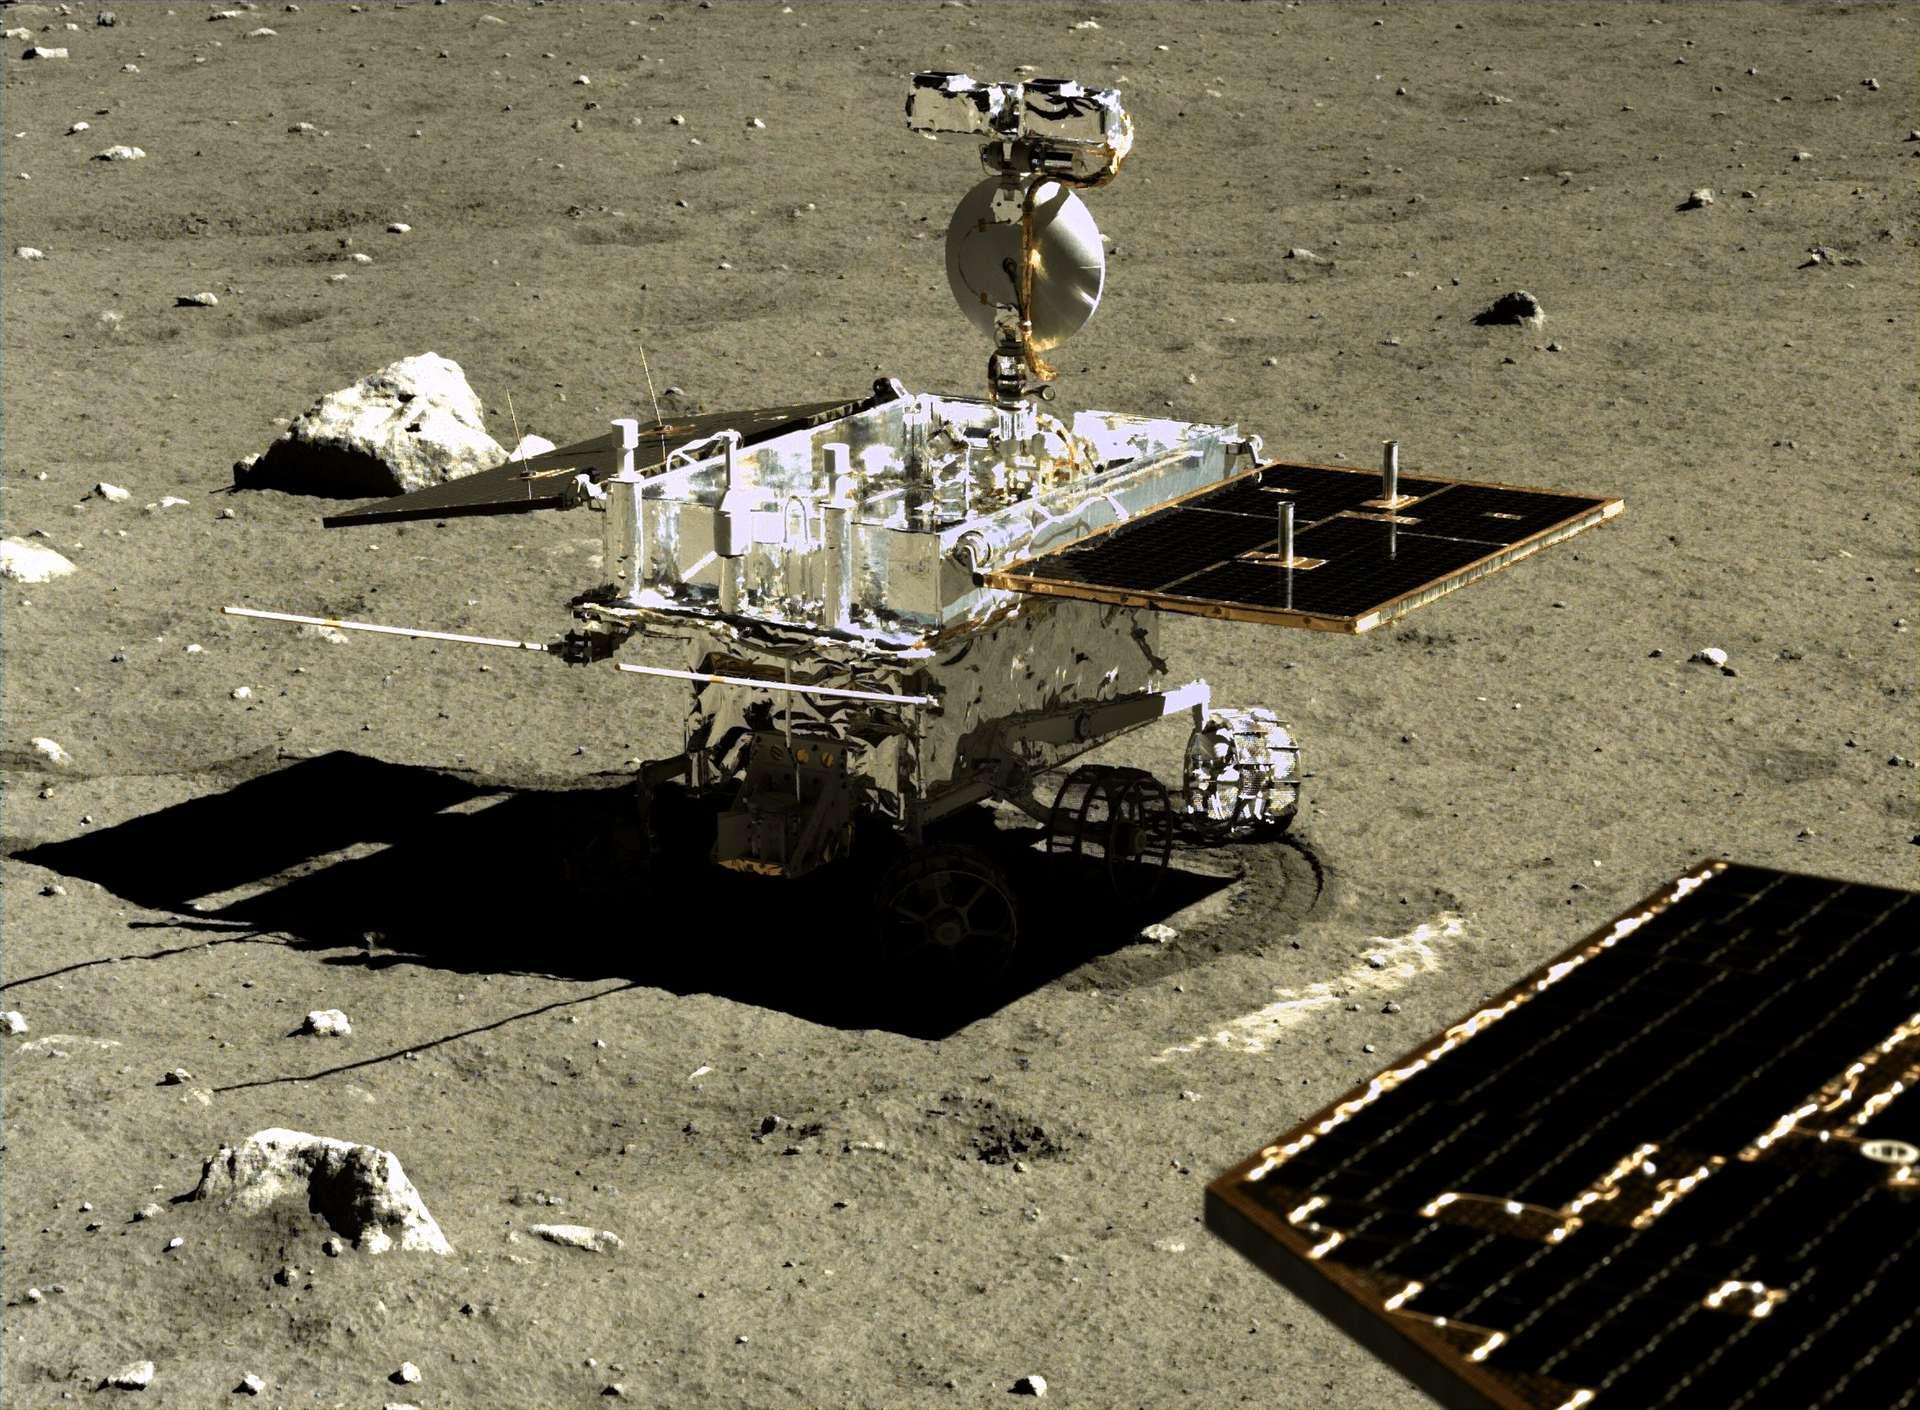 Le rover Yutu-2 de la mission Chang'e 4 sur la face cachée de la Lune, vu depuis sa plateforme d'atterrissage. © CNSA